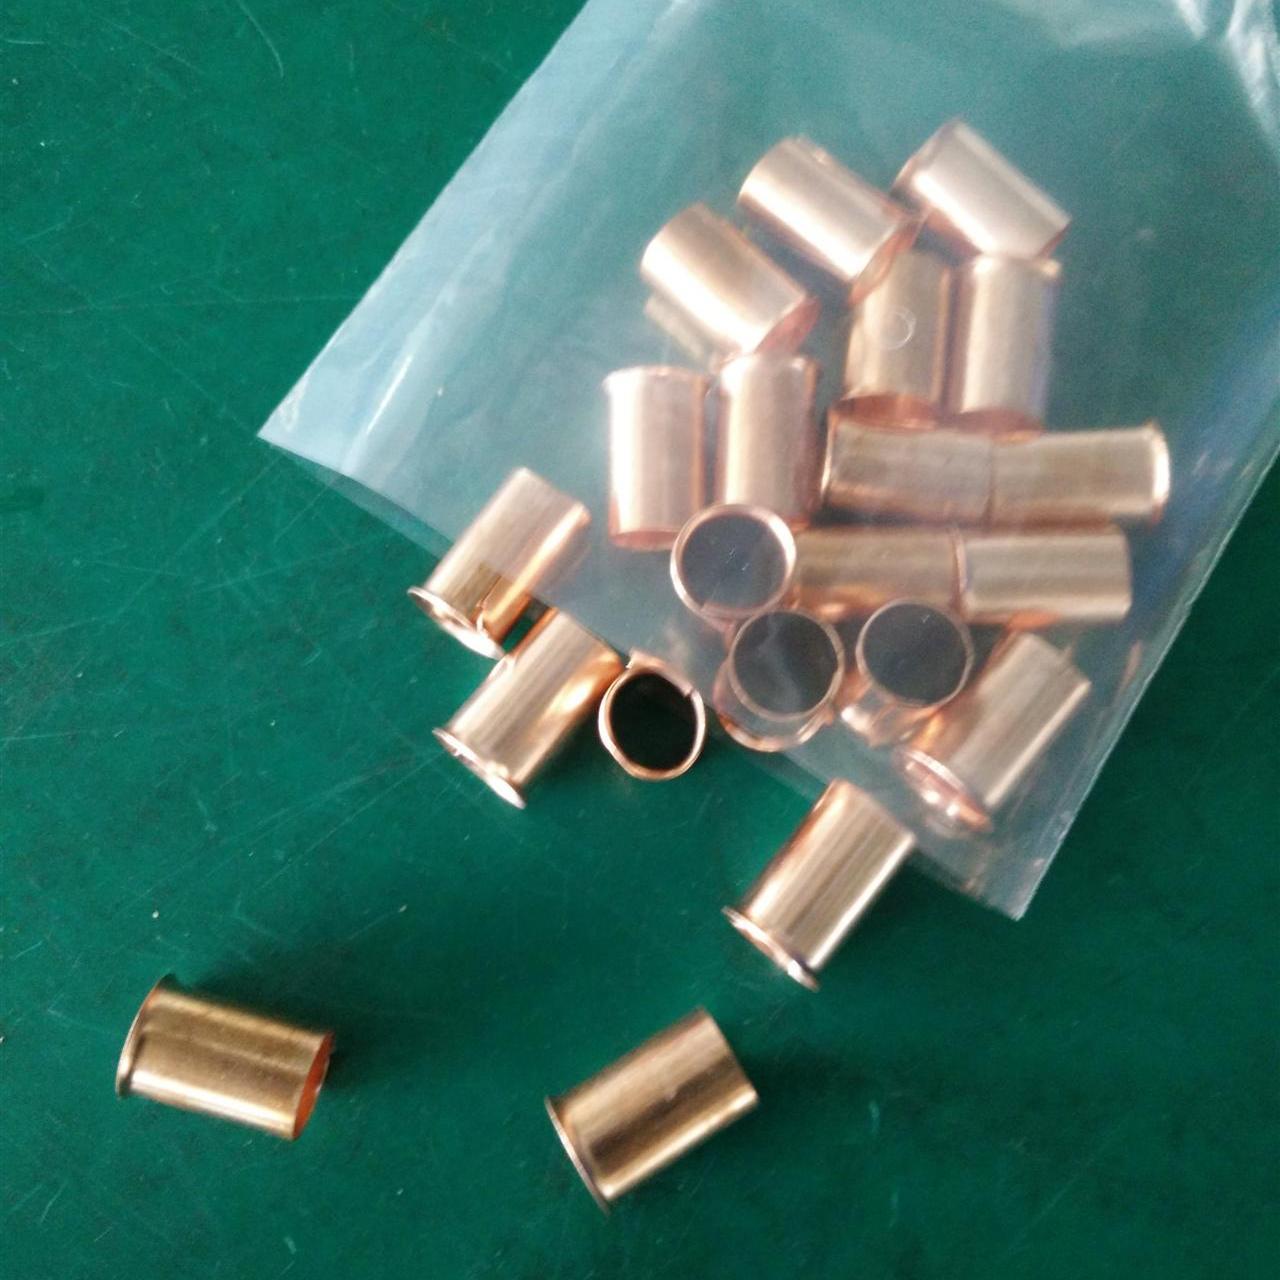 凯盟牌铜材无铬钝化液